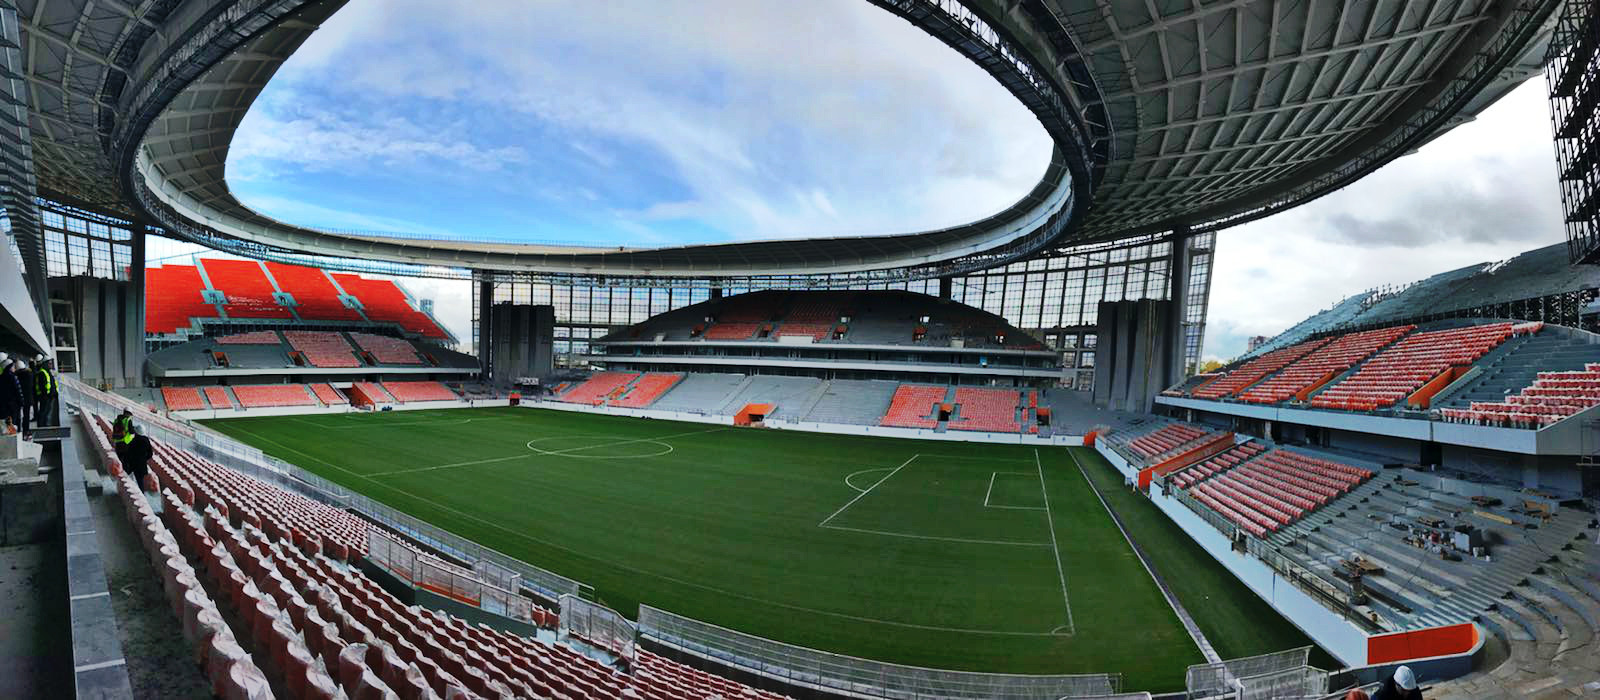 Ekaterinburg stadio centrale russia 2018Ekaterinburg stadio centrale russia 2018